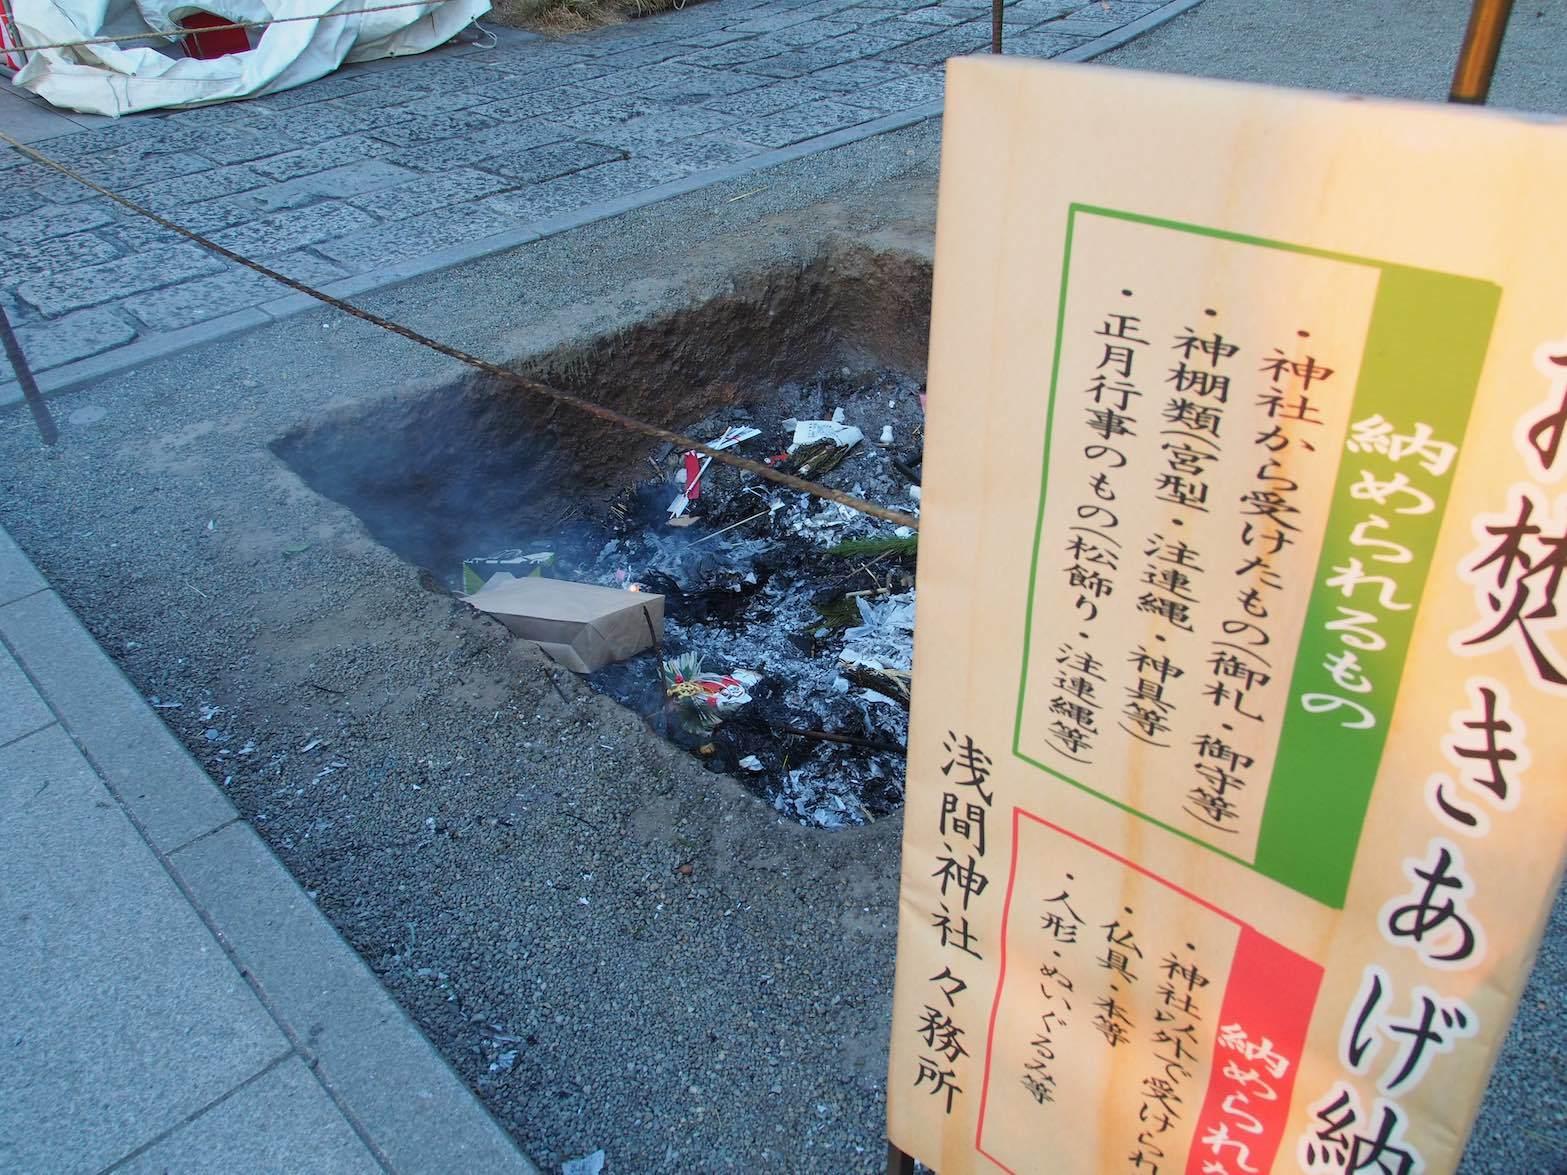 東急多摩川駅周辺11_b0360240_20521488.jpg